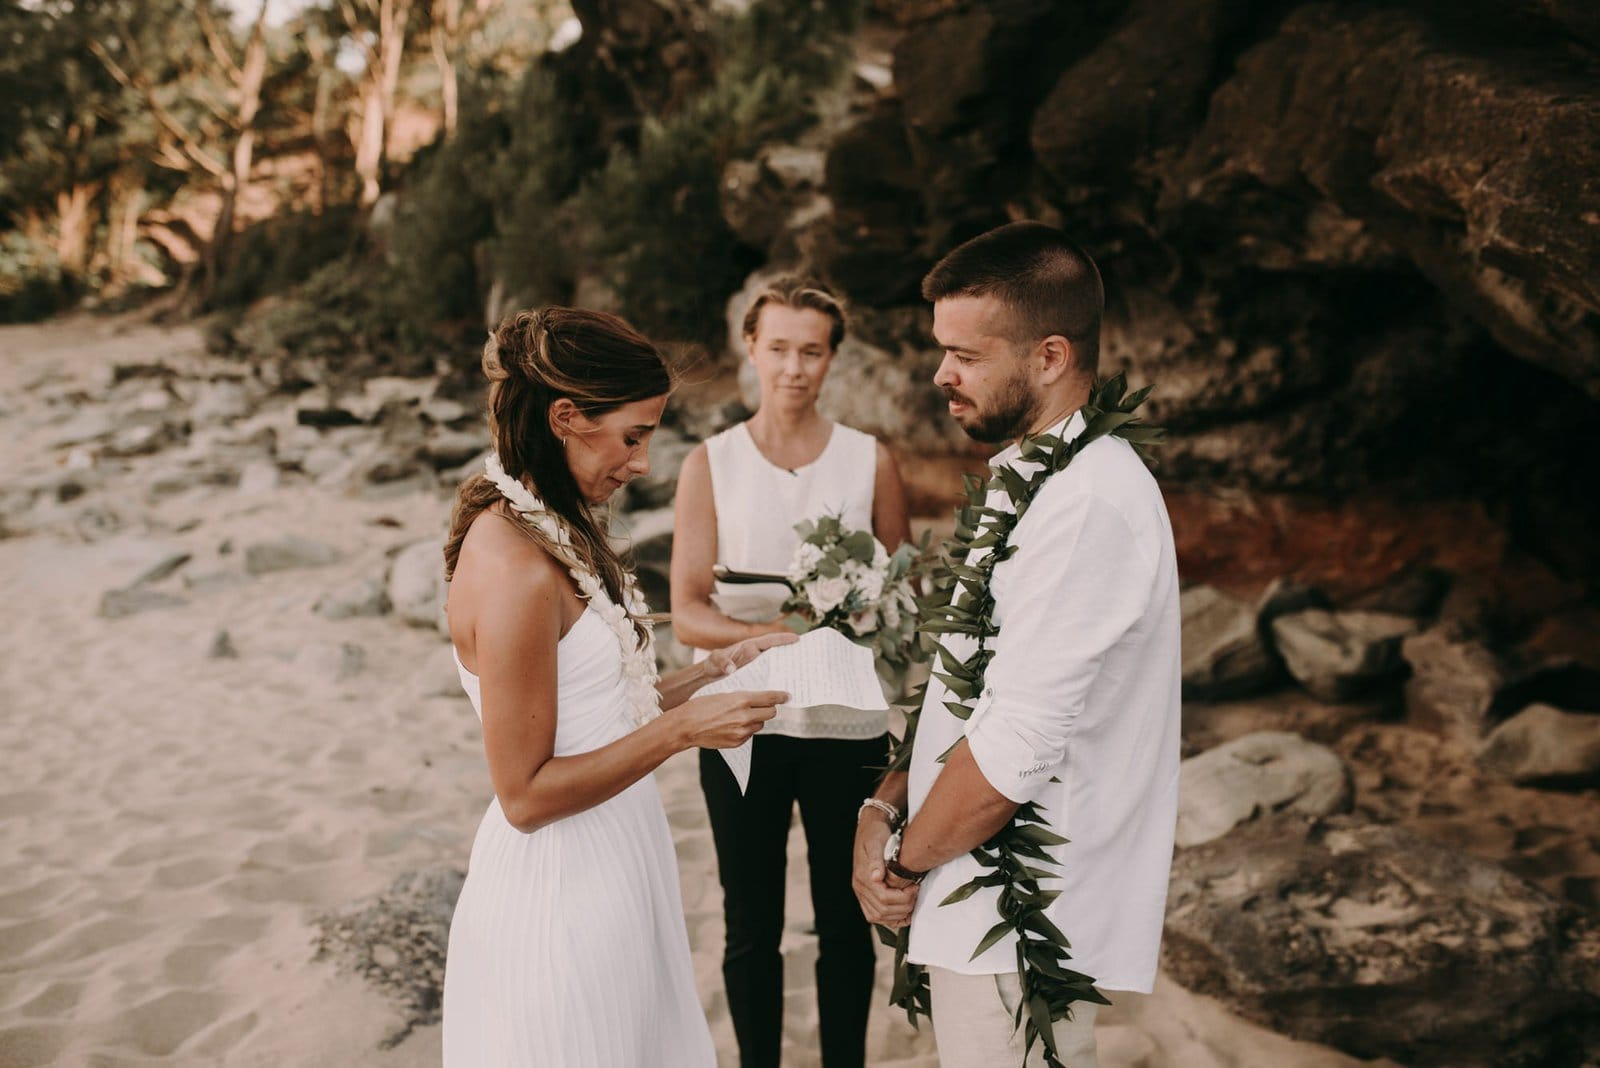 elopement vows